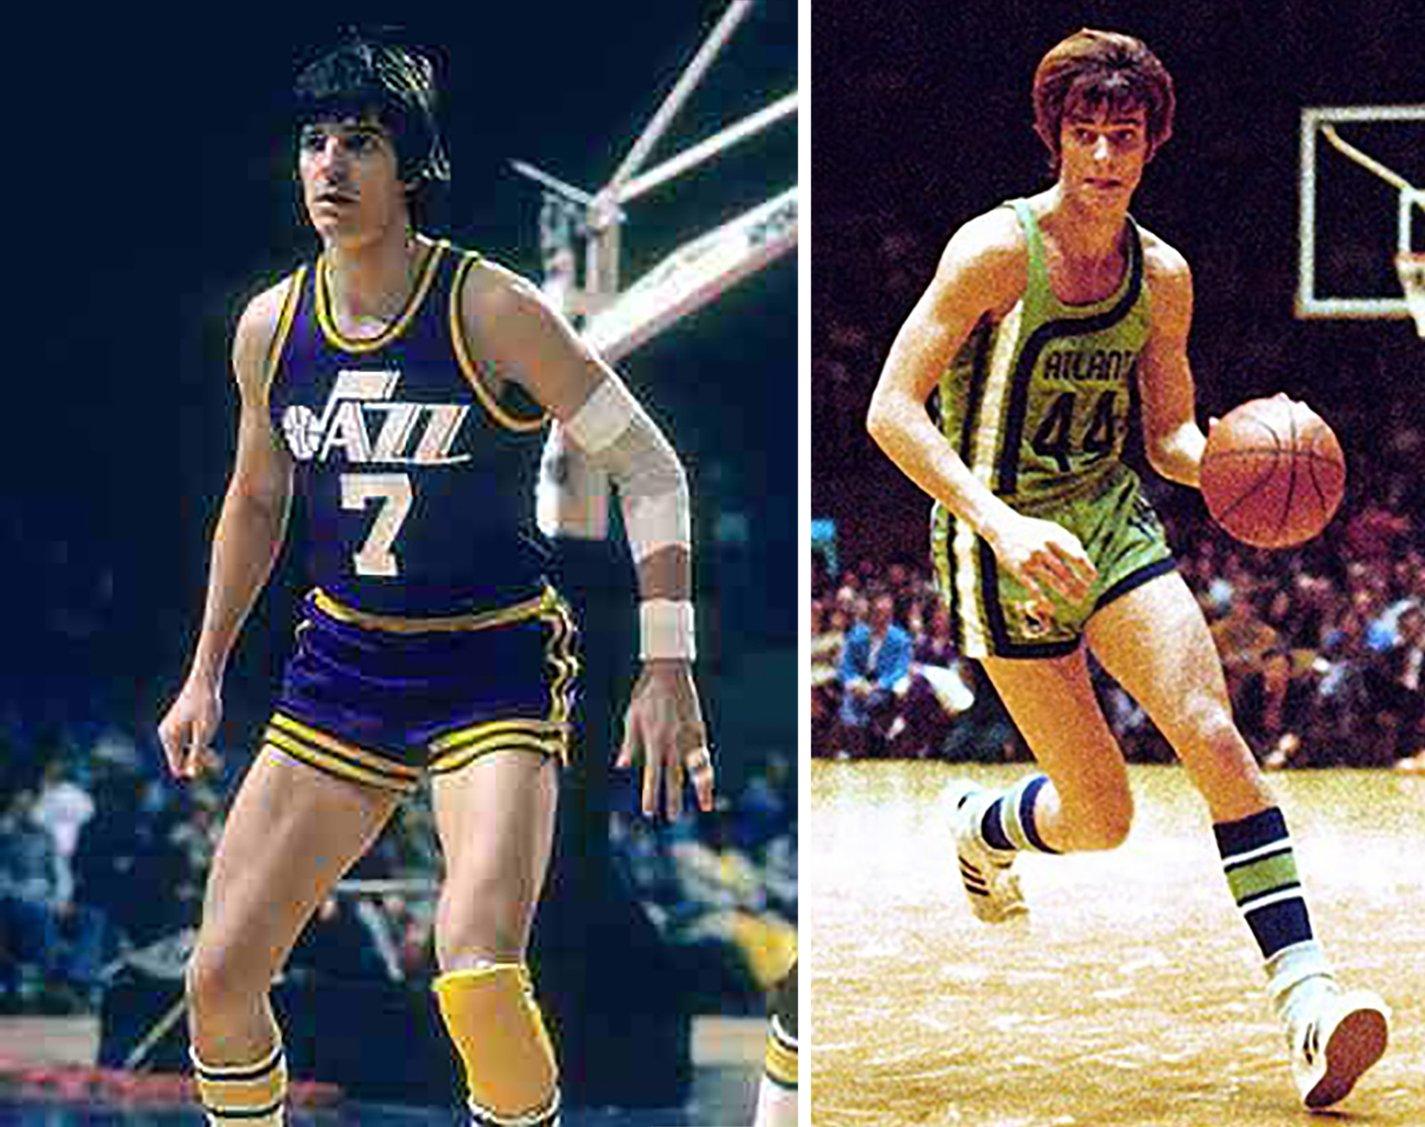 Pete Maravich jugando basquet